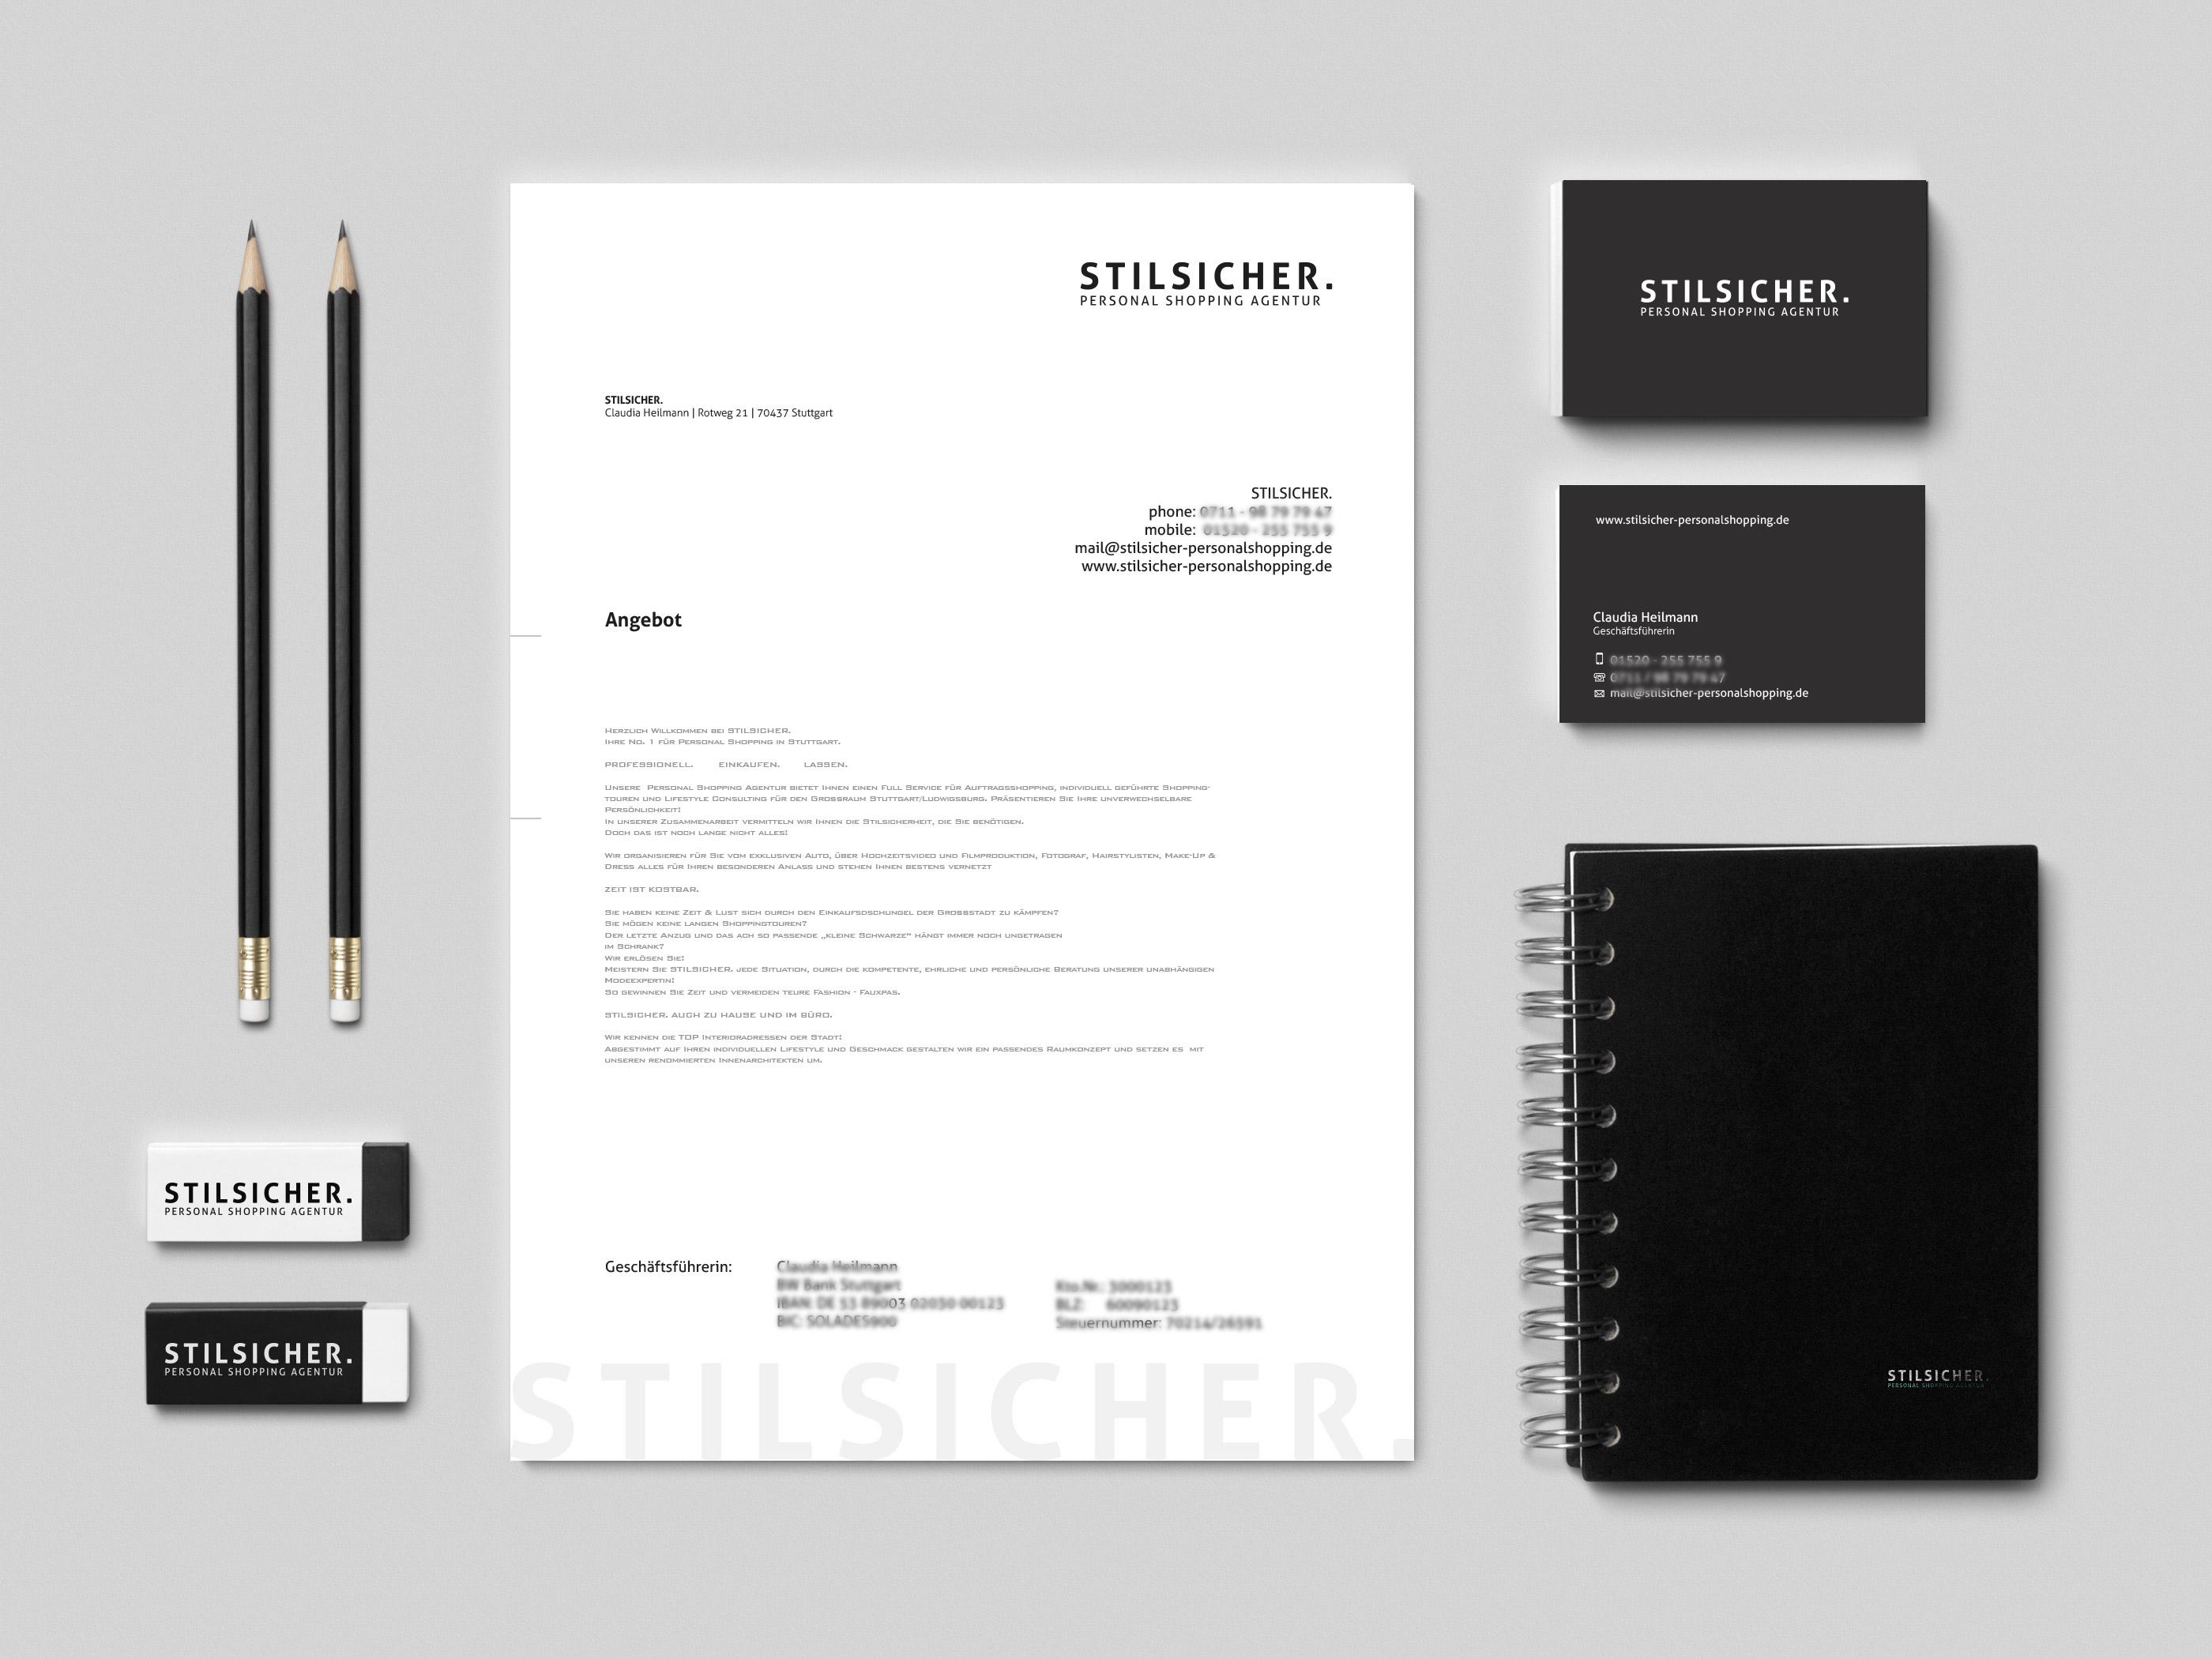 corporate design, corporate identity, logogestaltung, logoentwicklung, flyergestaltung, flyerdesign, webdesign, gestaltung von geschaeftspapieren